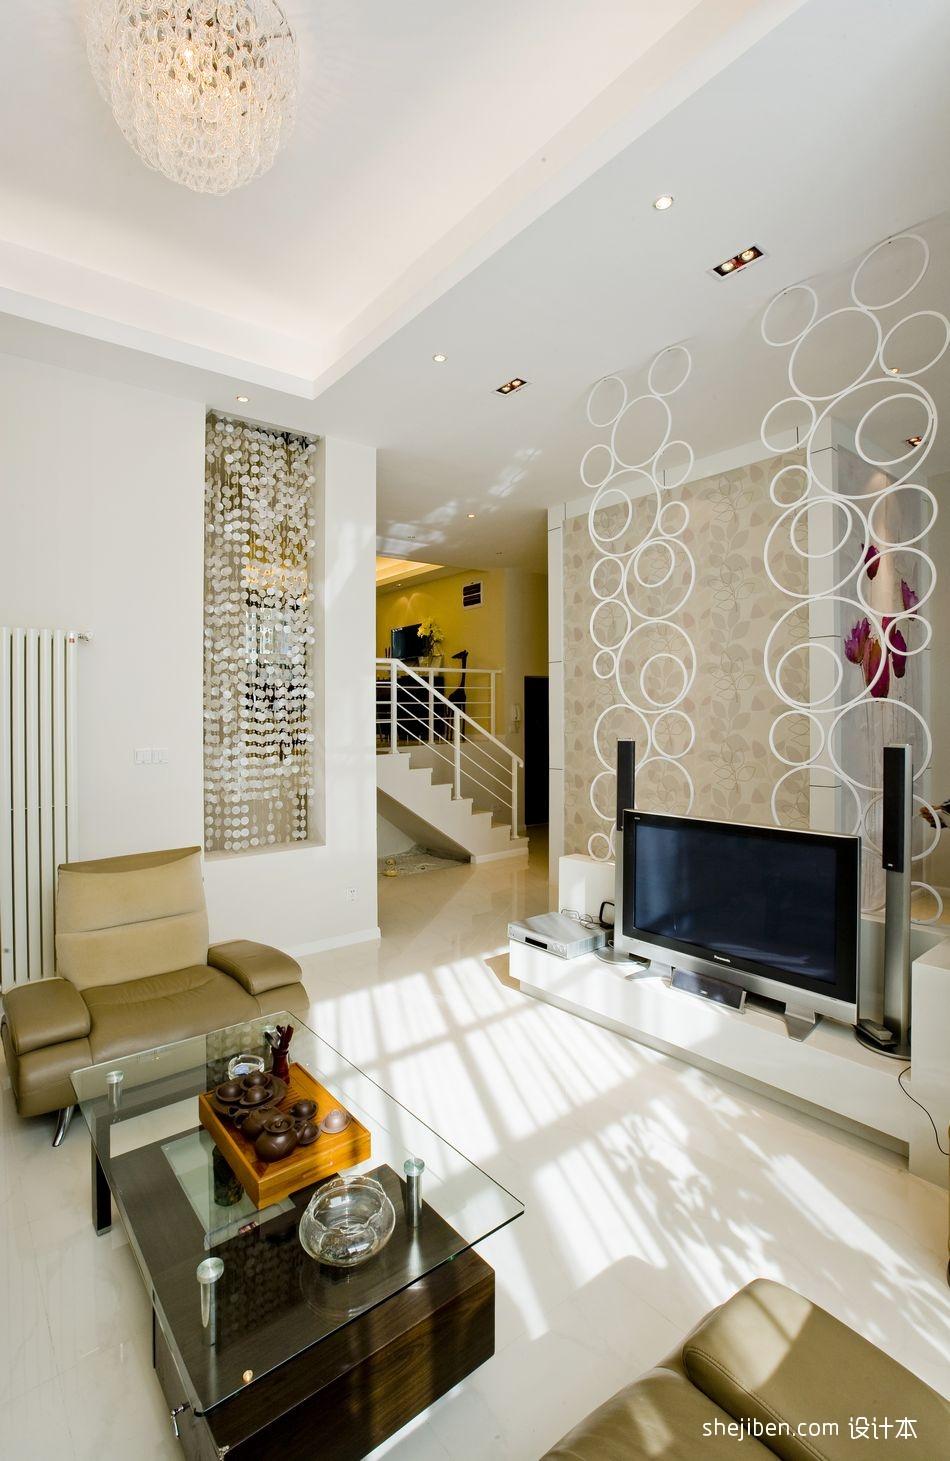 加州印象简约复式楼设计现代客厅镂空电视隔断装修效果图功能区其他功能区设计图片赏析